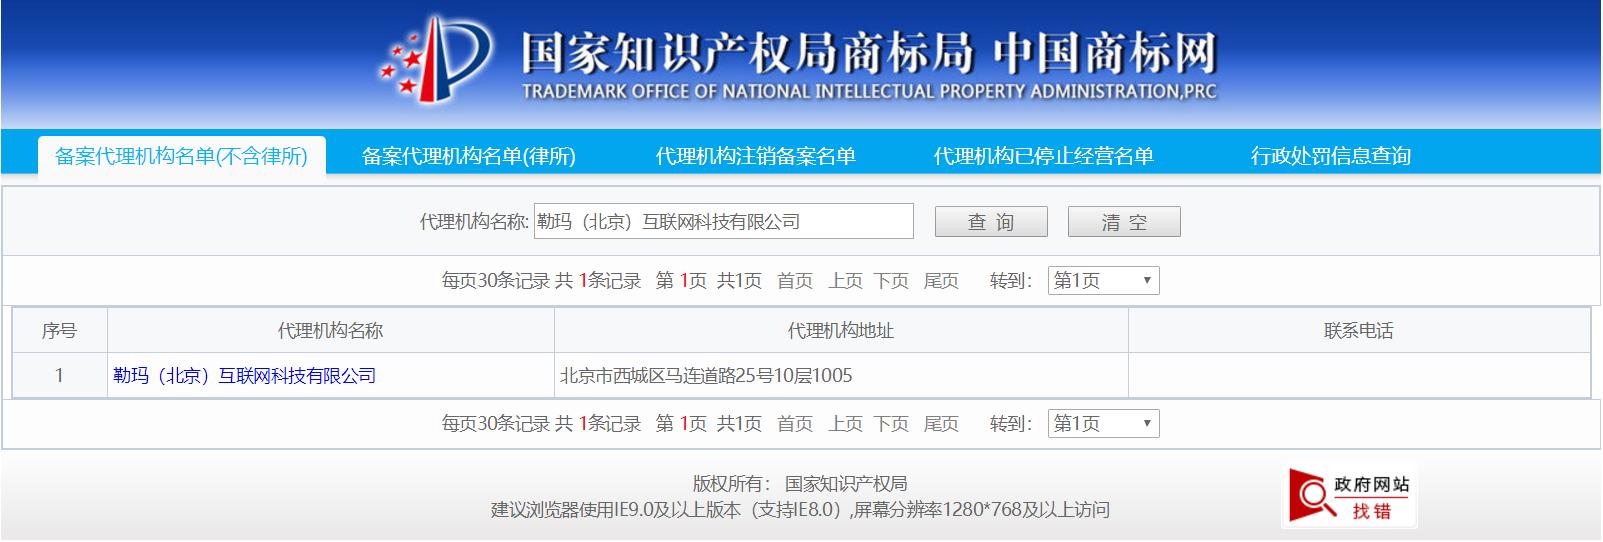 勒玛(北京)互联网科技有限公司-代理资质